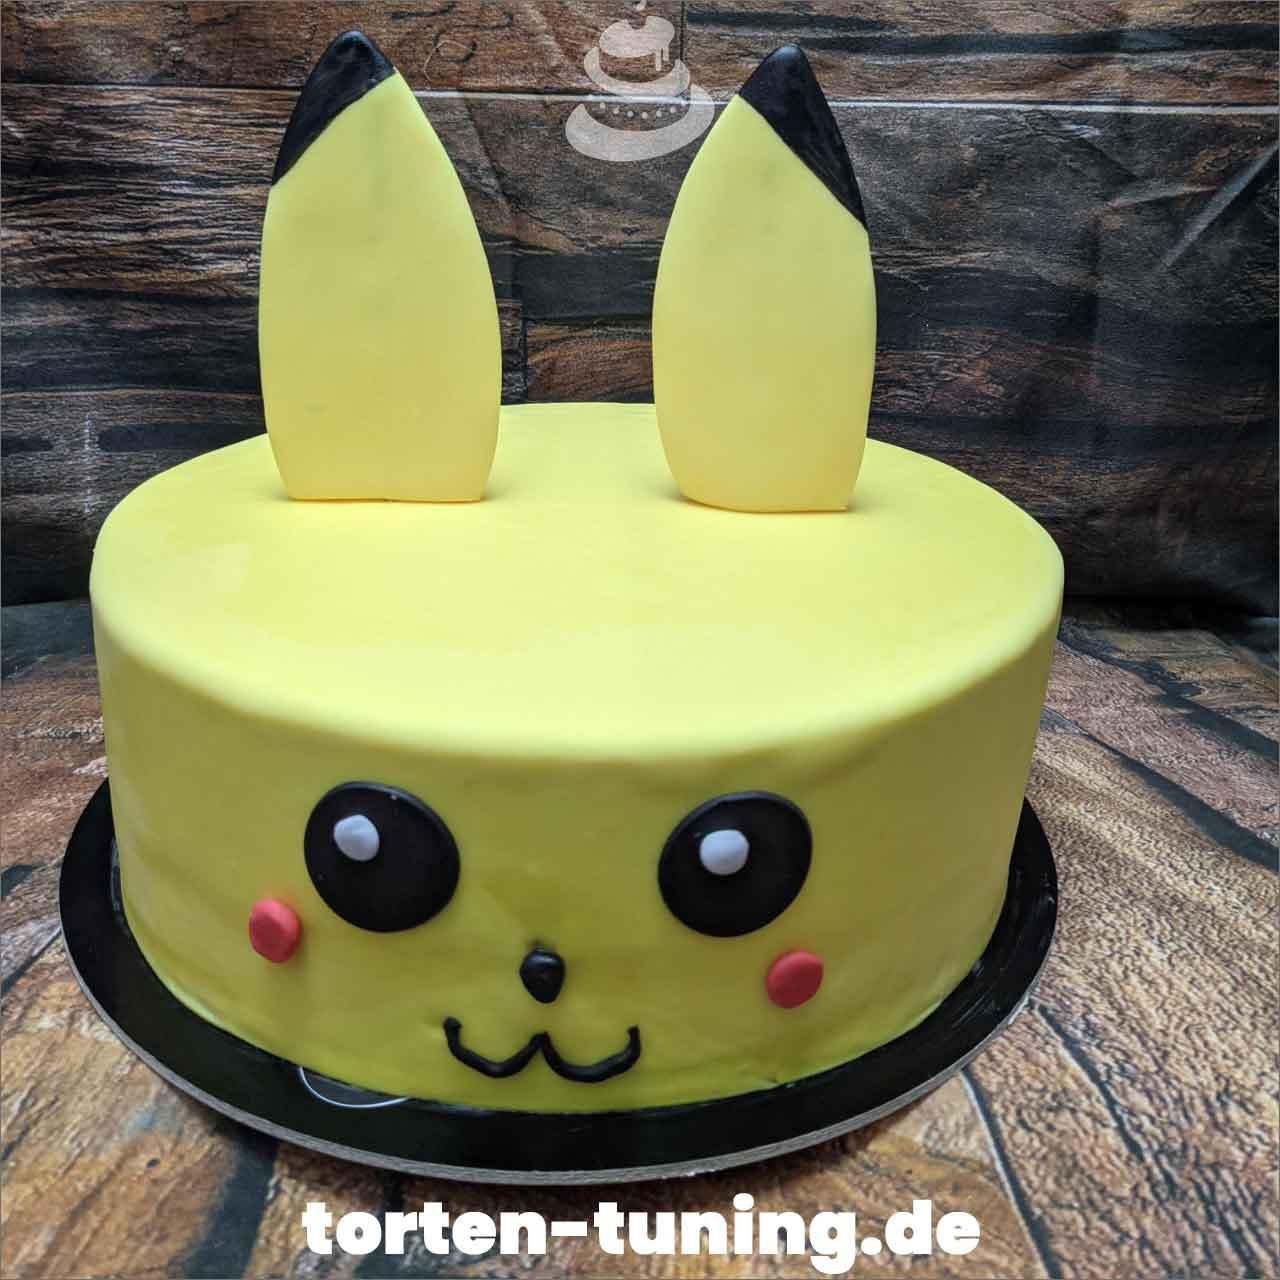 Pikachu Pokemon Dripcake Obsttorte Geburtstagstorte Motivtorte Torte Tortendekoration Torte online bestellen Suhl Thüringen Torten Tuning Sahnetorte Tortenfiguren Cake Topper